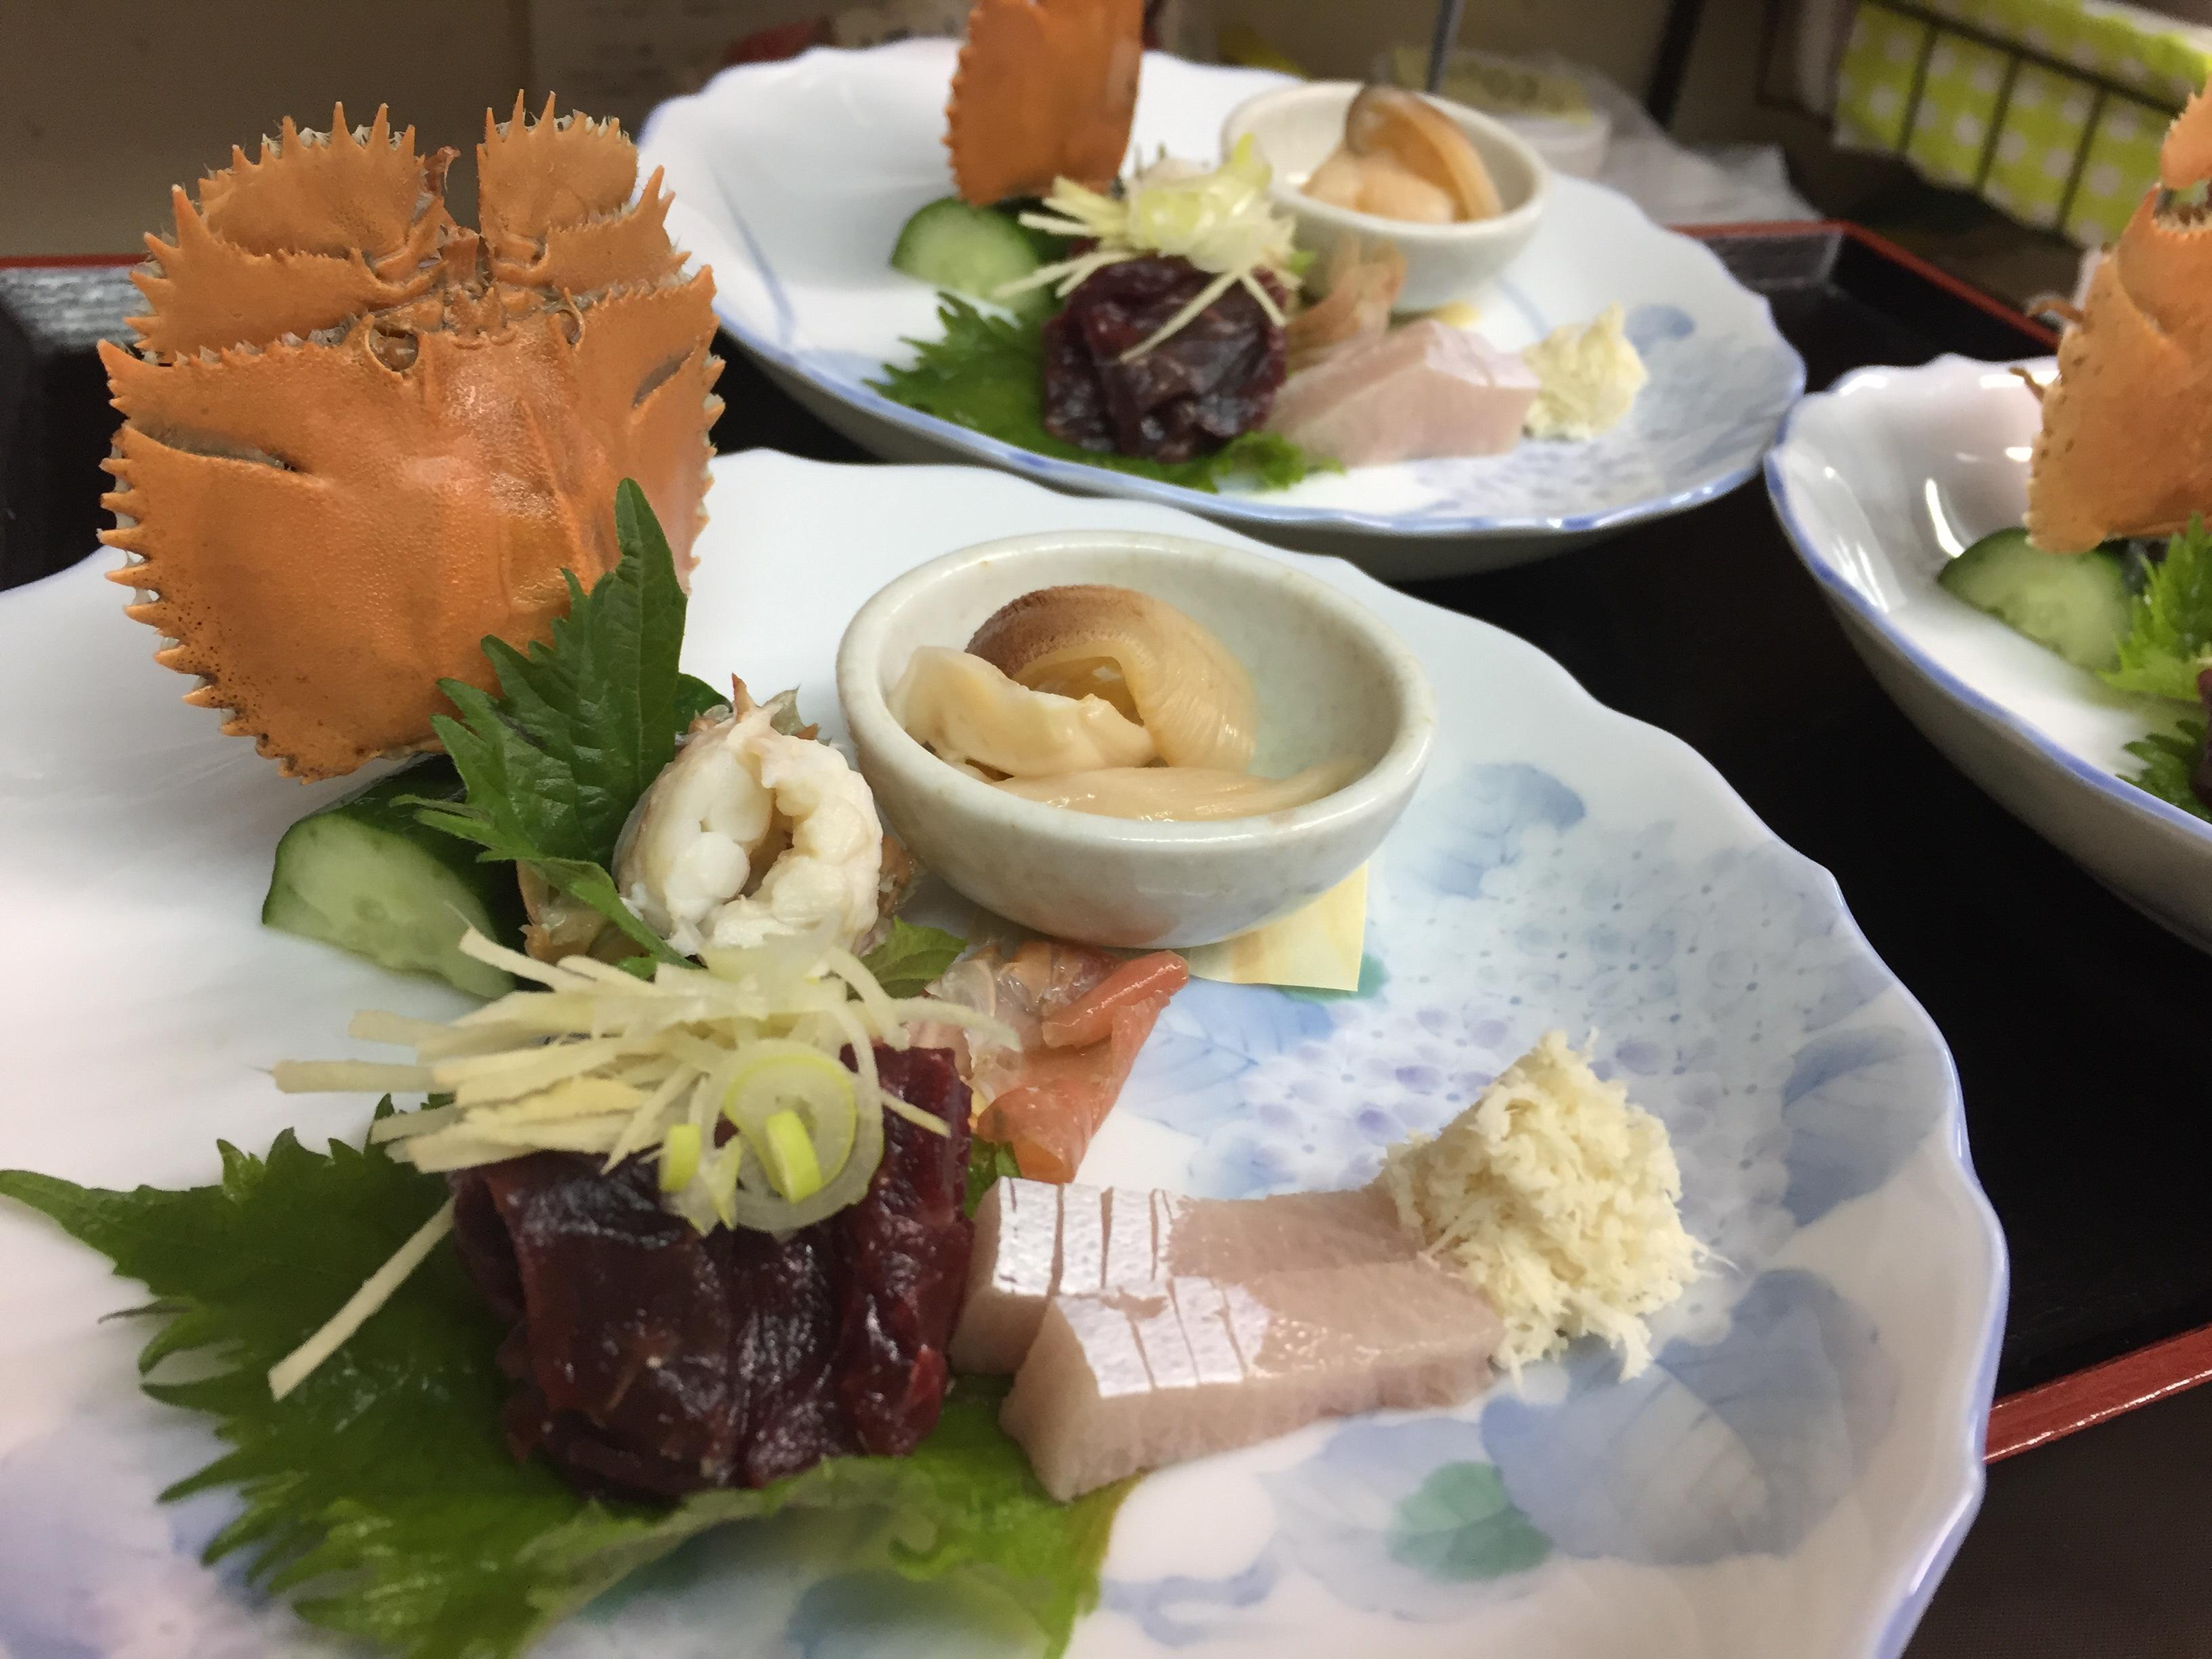 季節料理 とこしゑ田中の掲載画像2